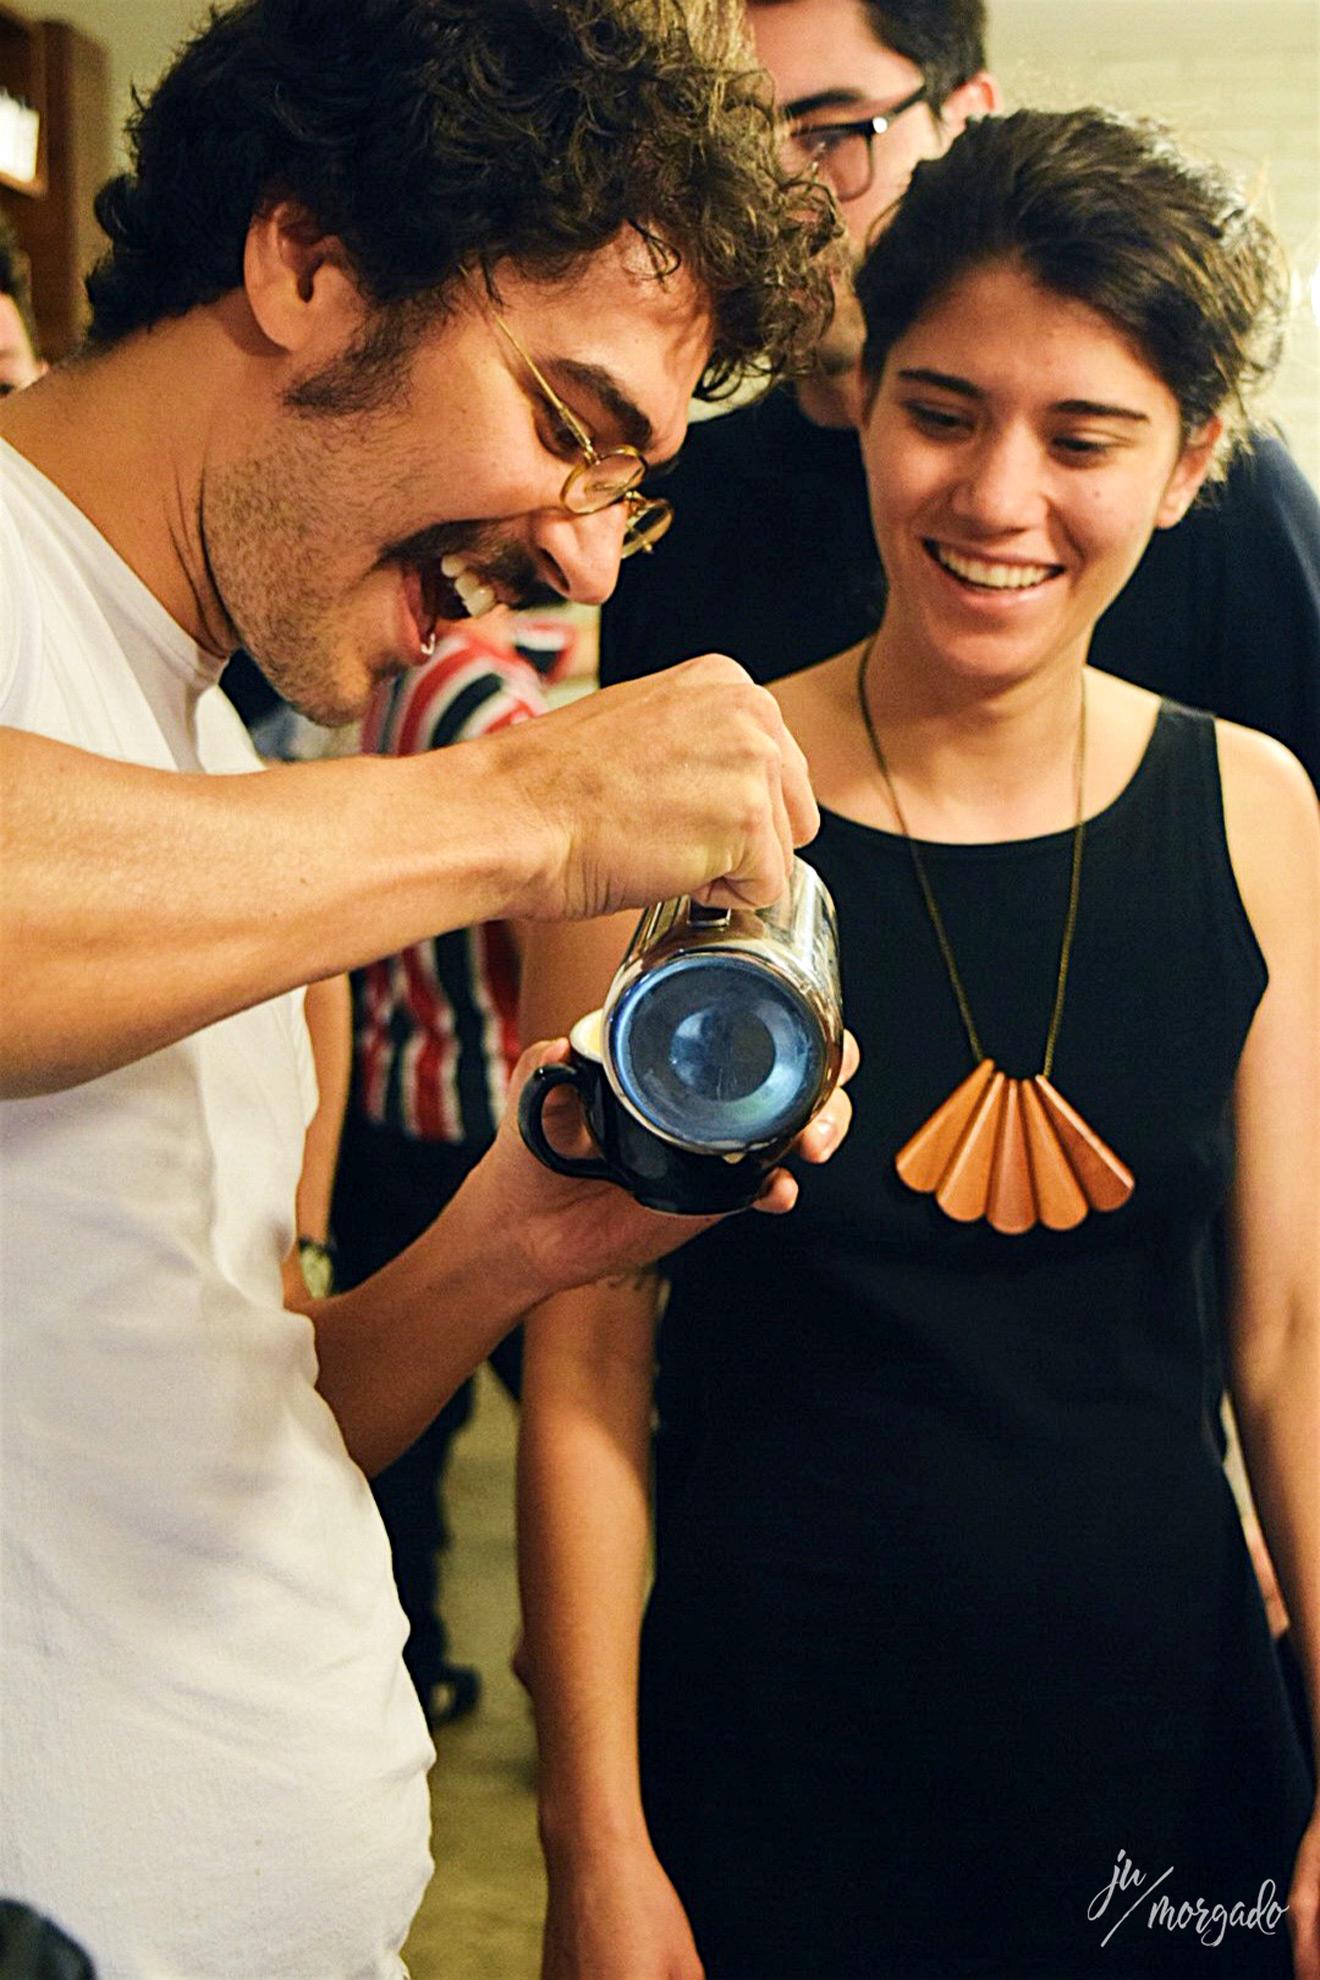 TNT Campeonato de Latte art em Brasília